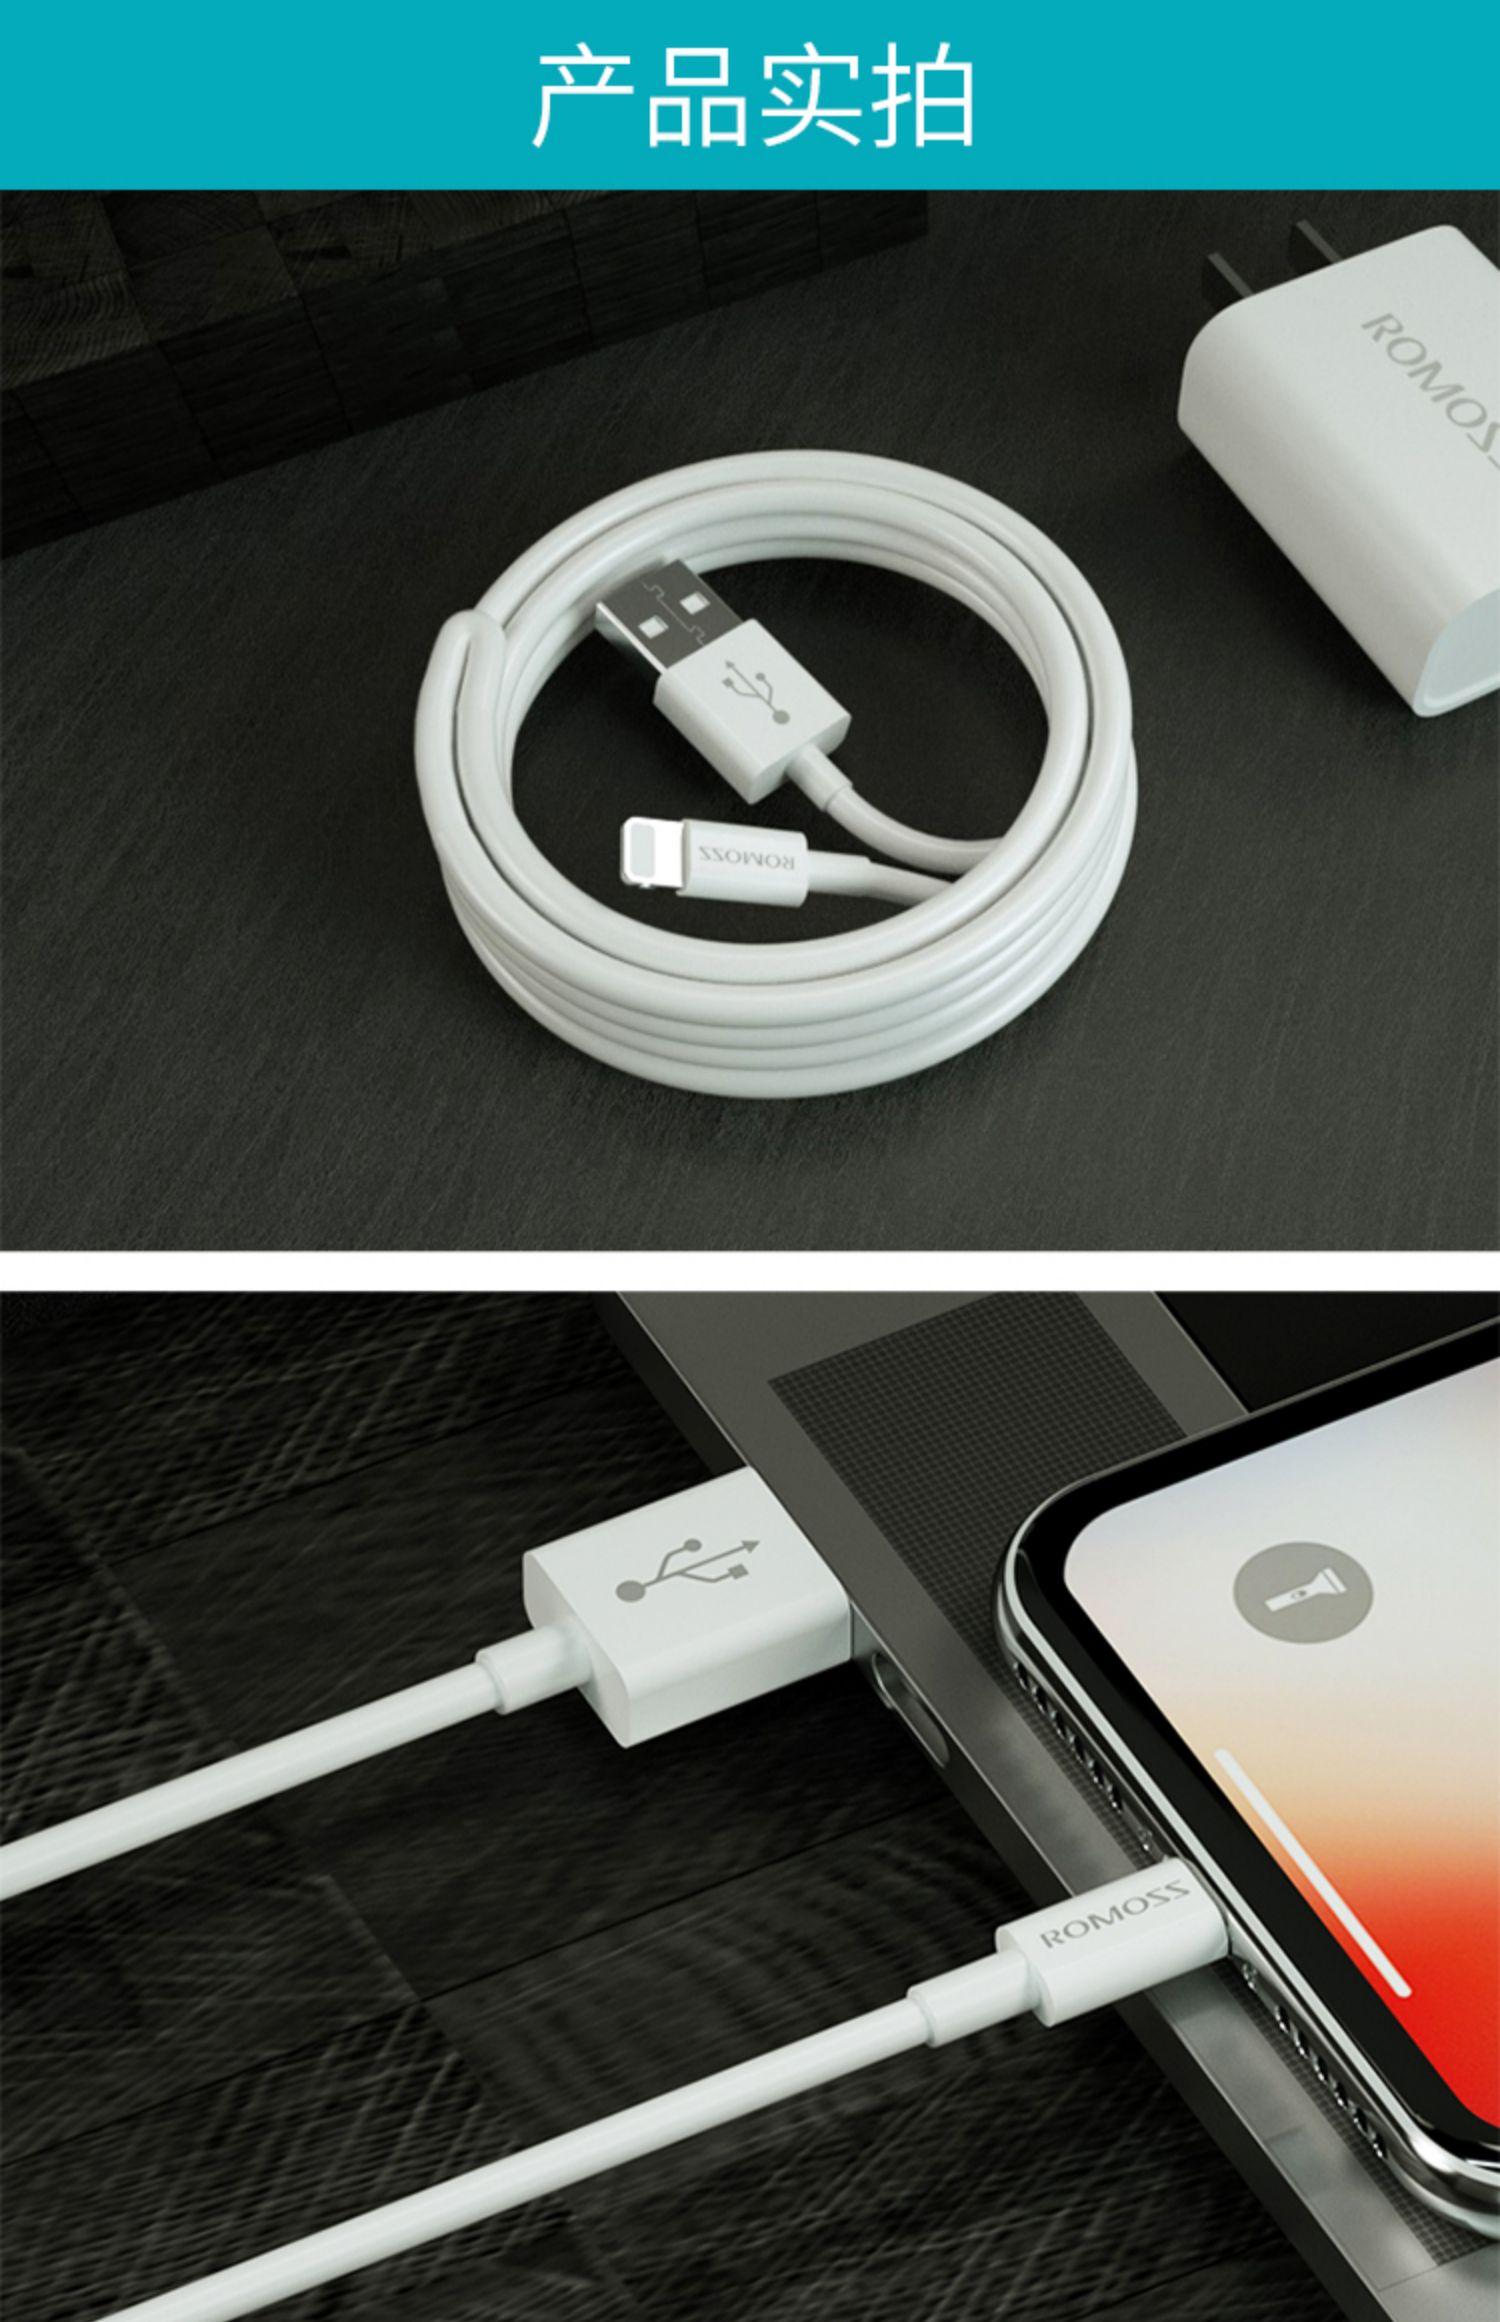 罗马仕 iphone6s苹果20w快充数据线